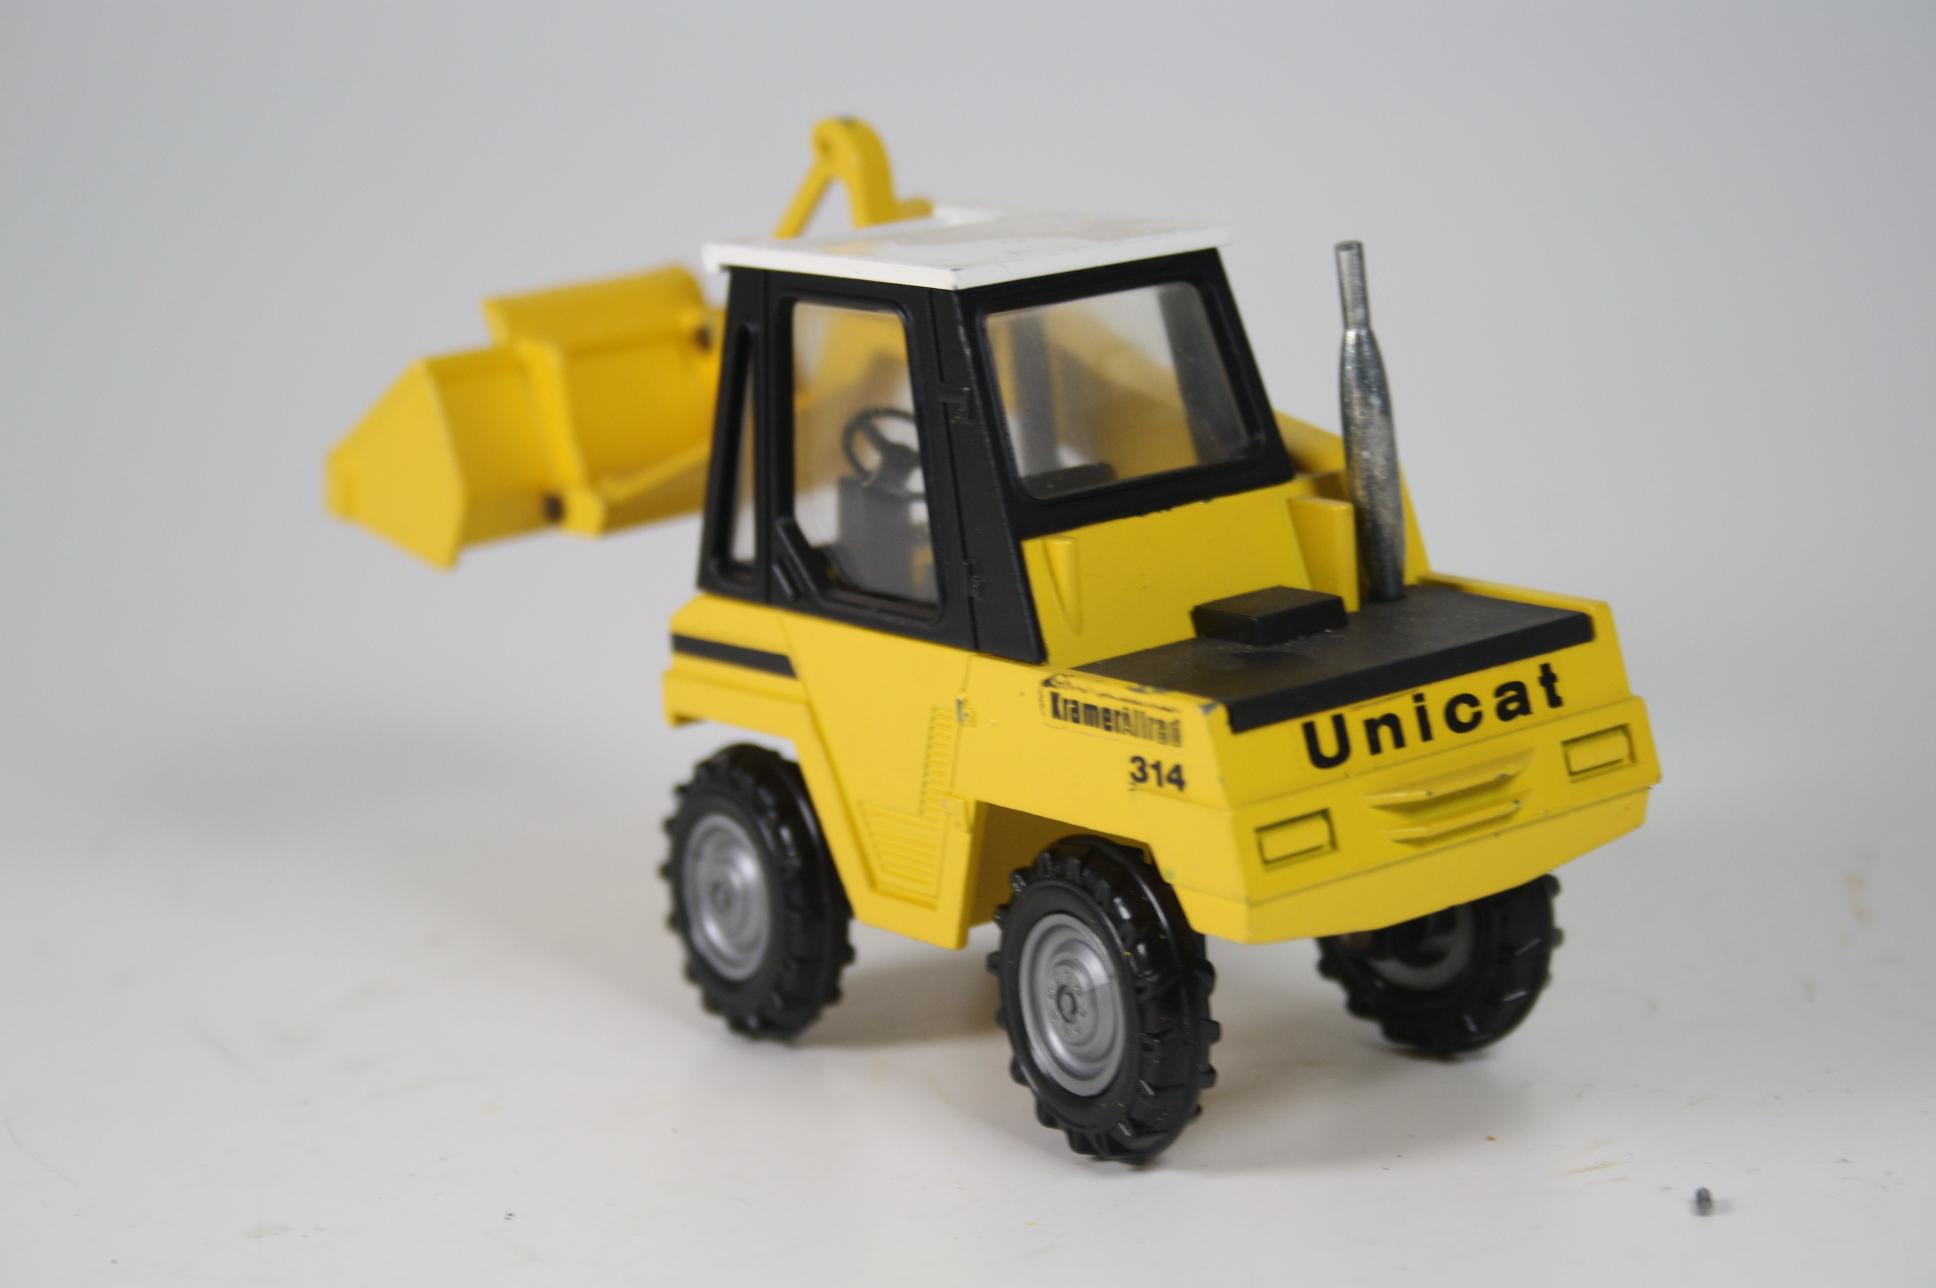 NZG No. 291 Kramer Allrad Unicat 314 Bagger 150 (5573)